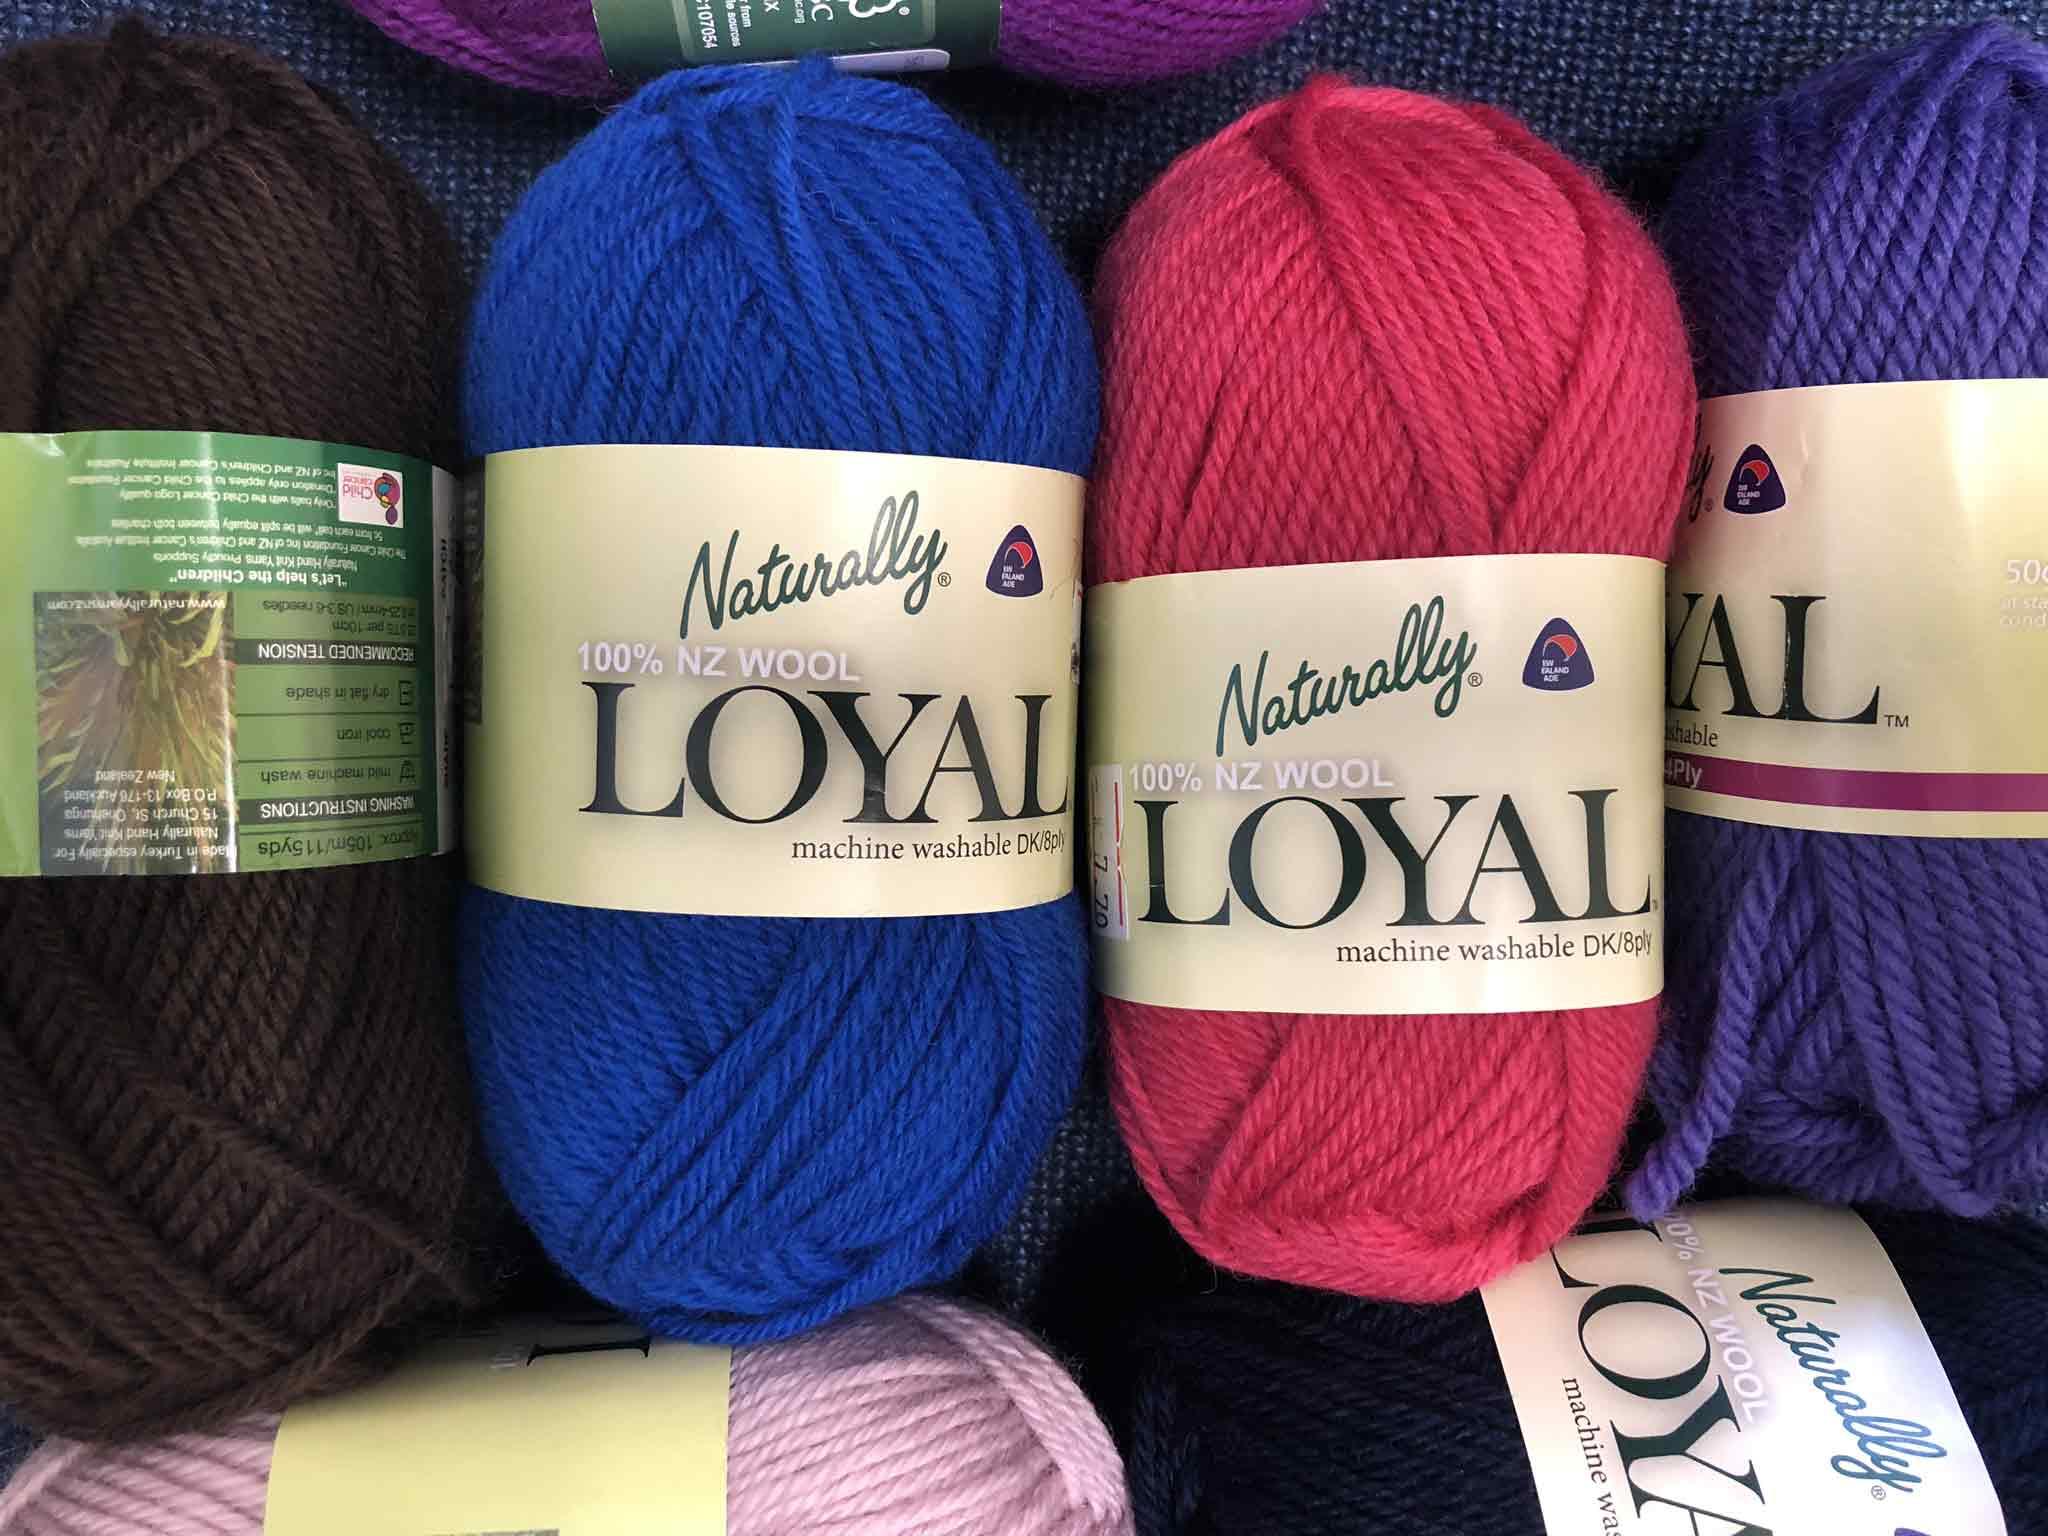 648fd695521c3 Naturally Loyal 8ply - Sock World Hokitika